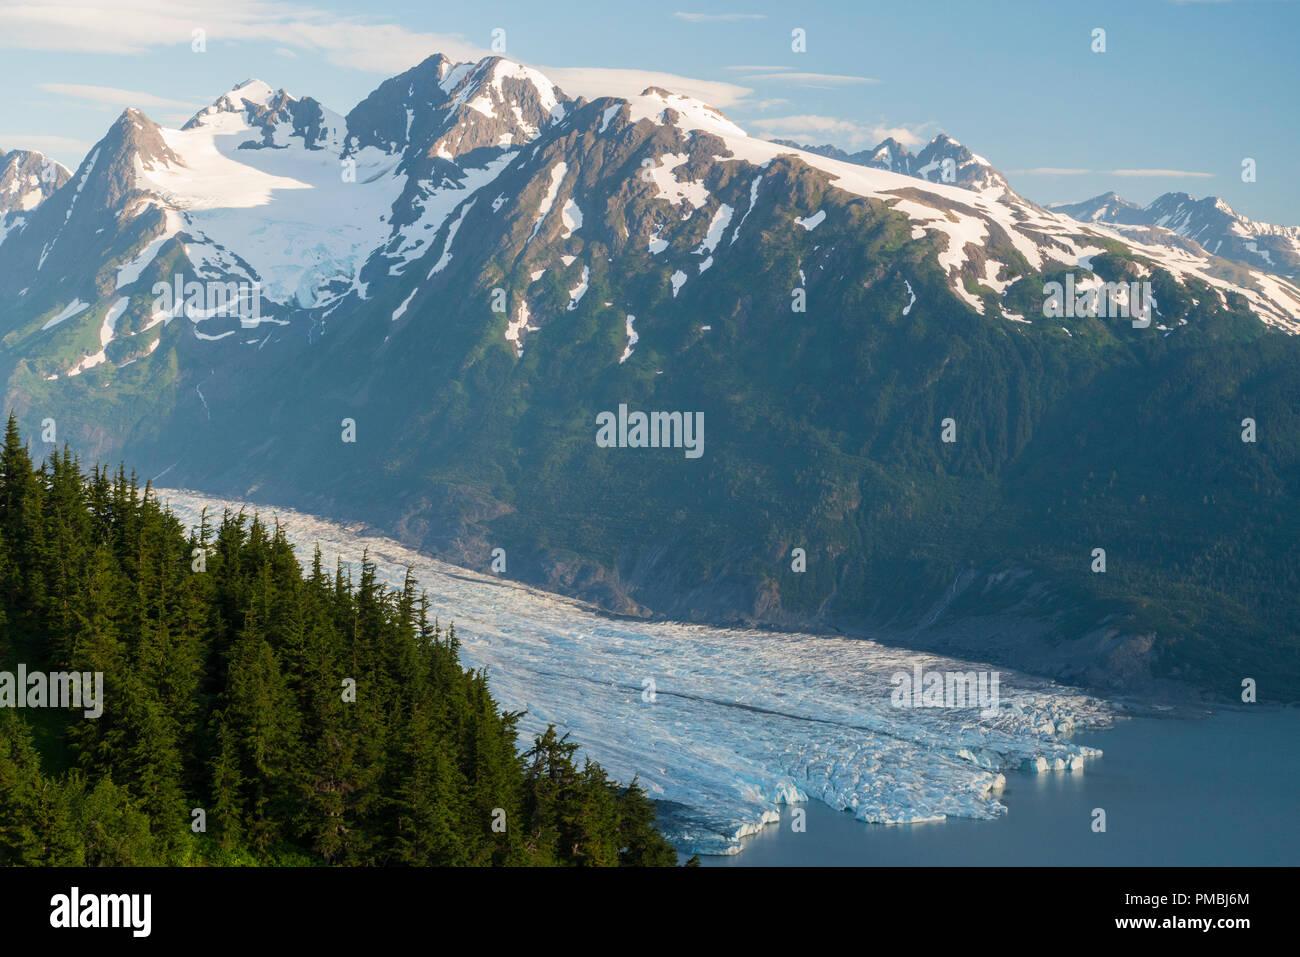 Spencer Glacier Bench Forest Service Cabin, Chugach National Forest, Alaska. - Stock Image